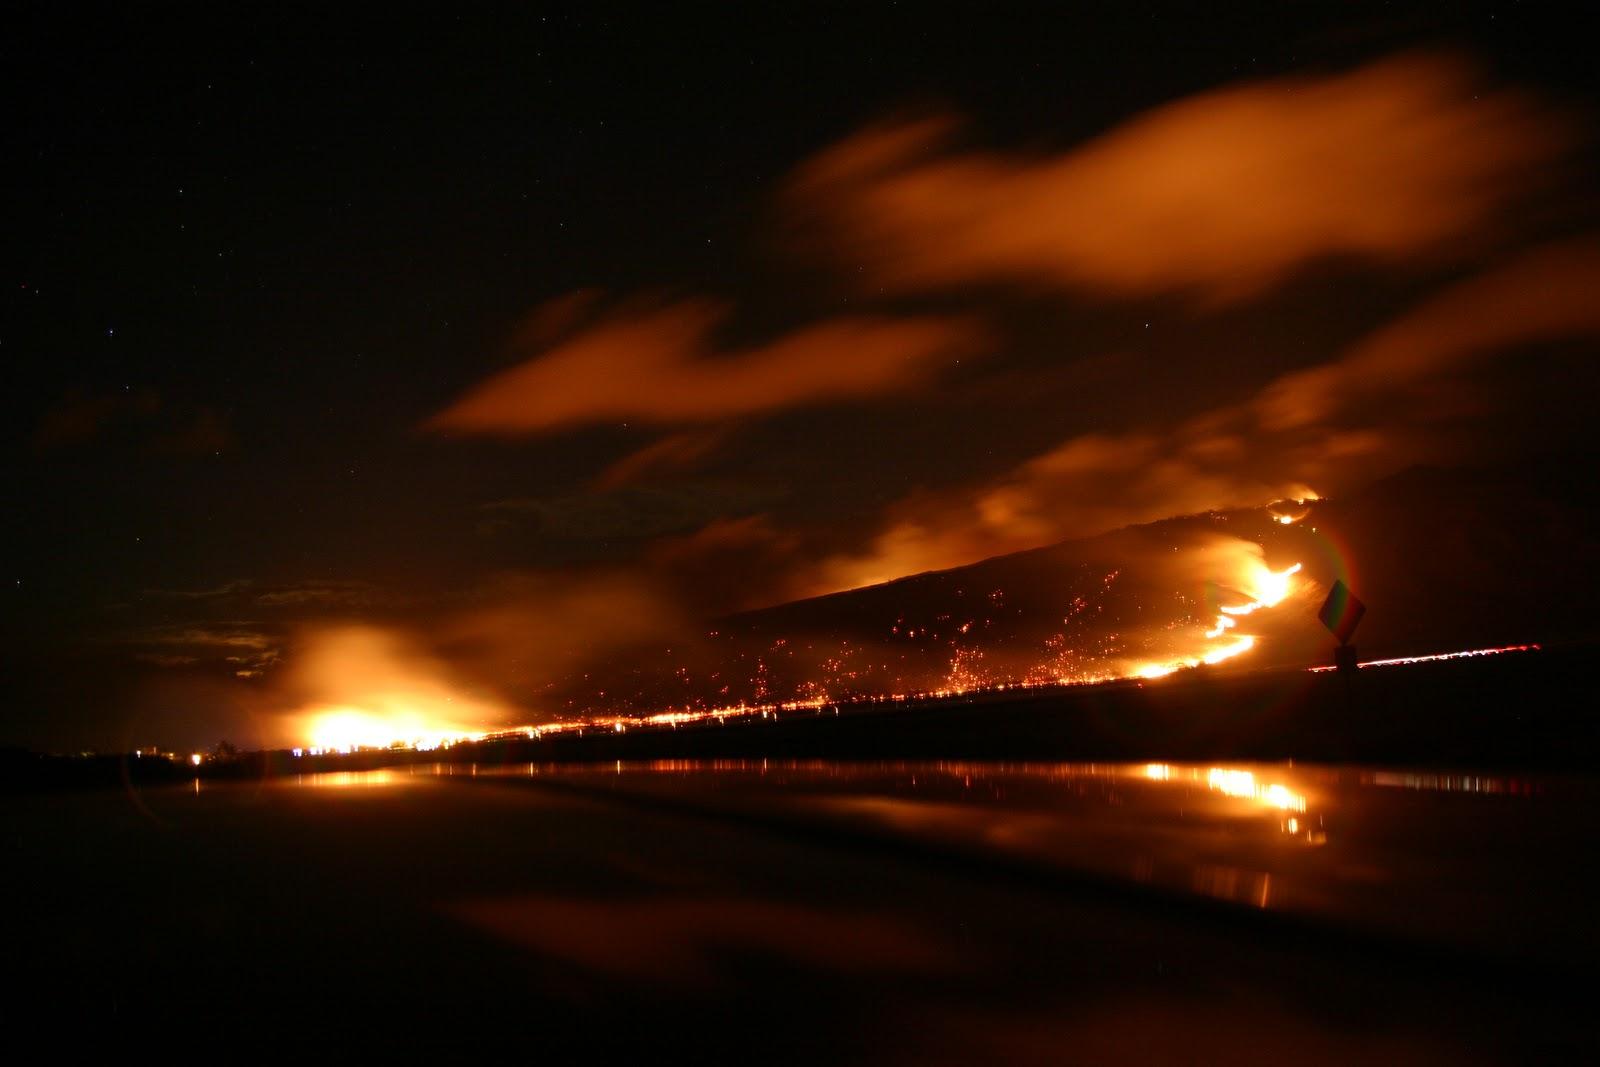 maui fire - photo #24